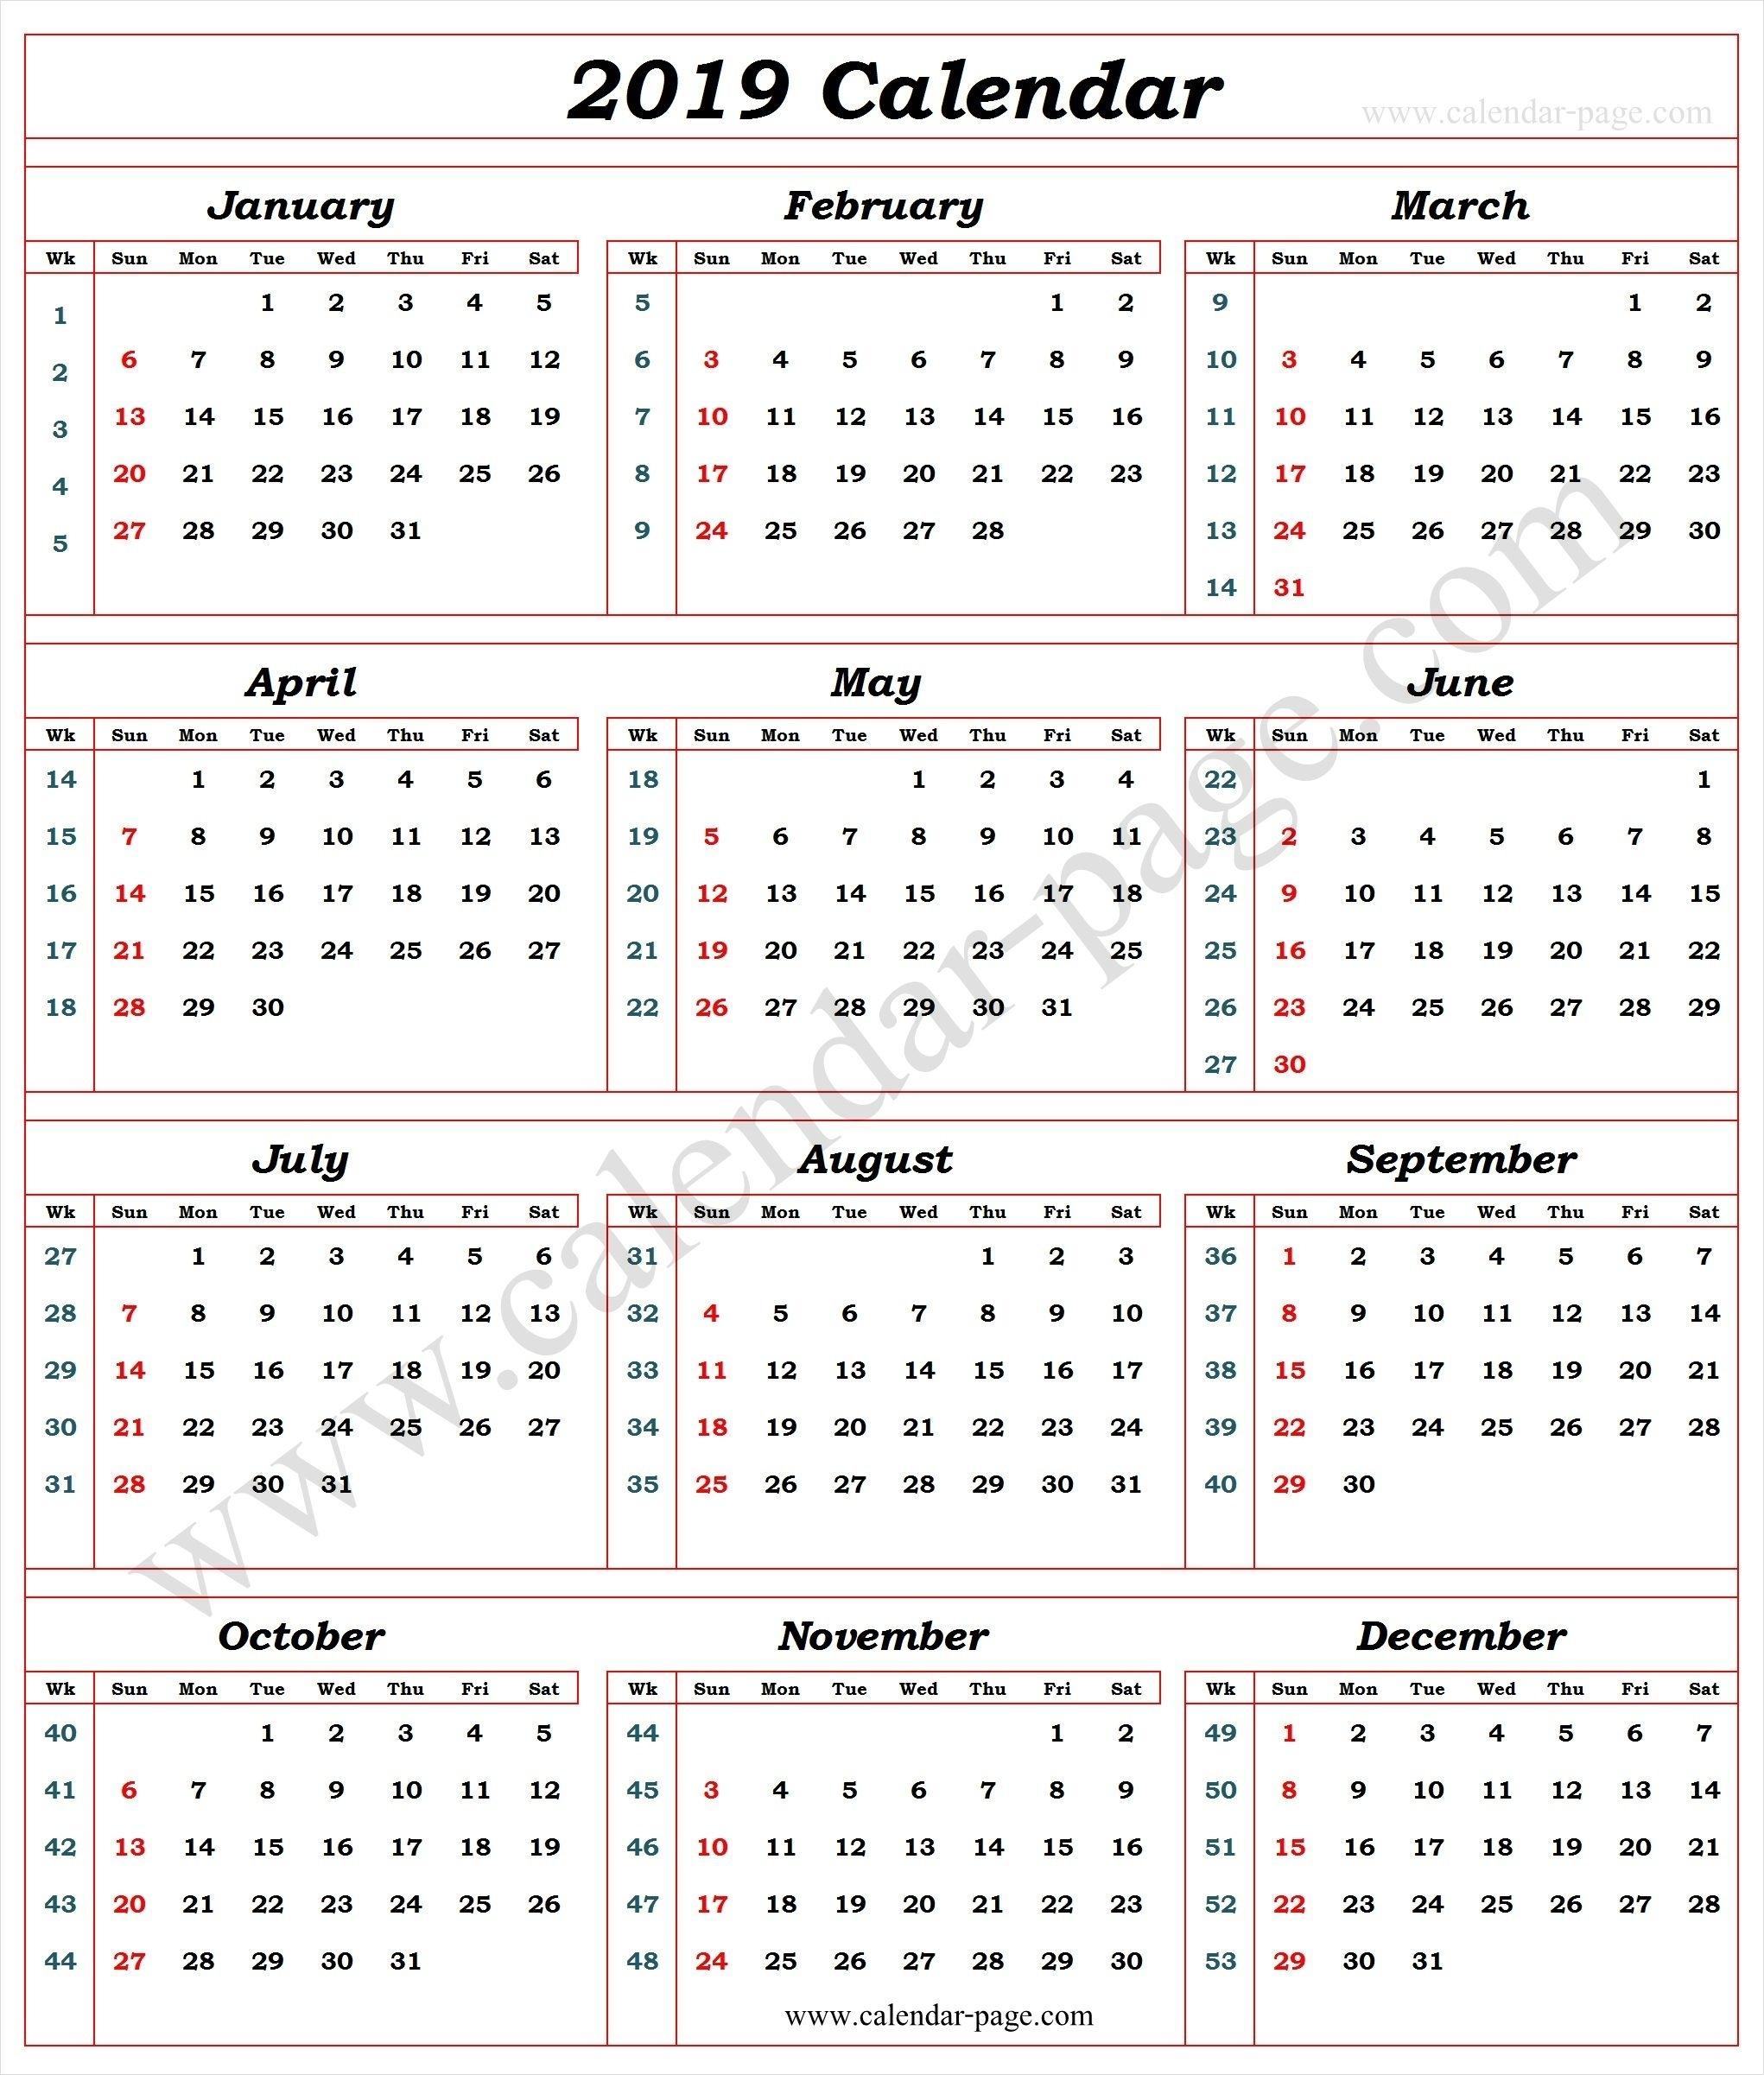 Calendar 2019 With Week Numbers   Calendar With Week Numbers